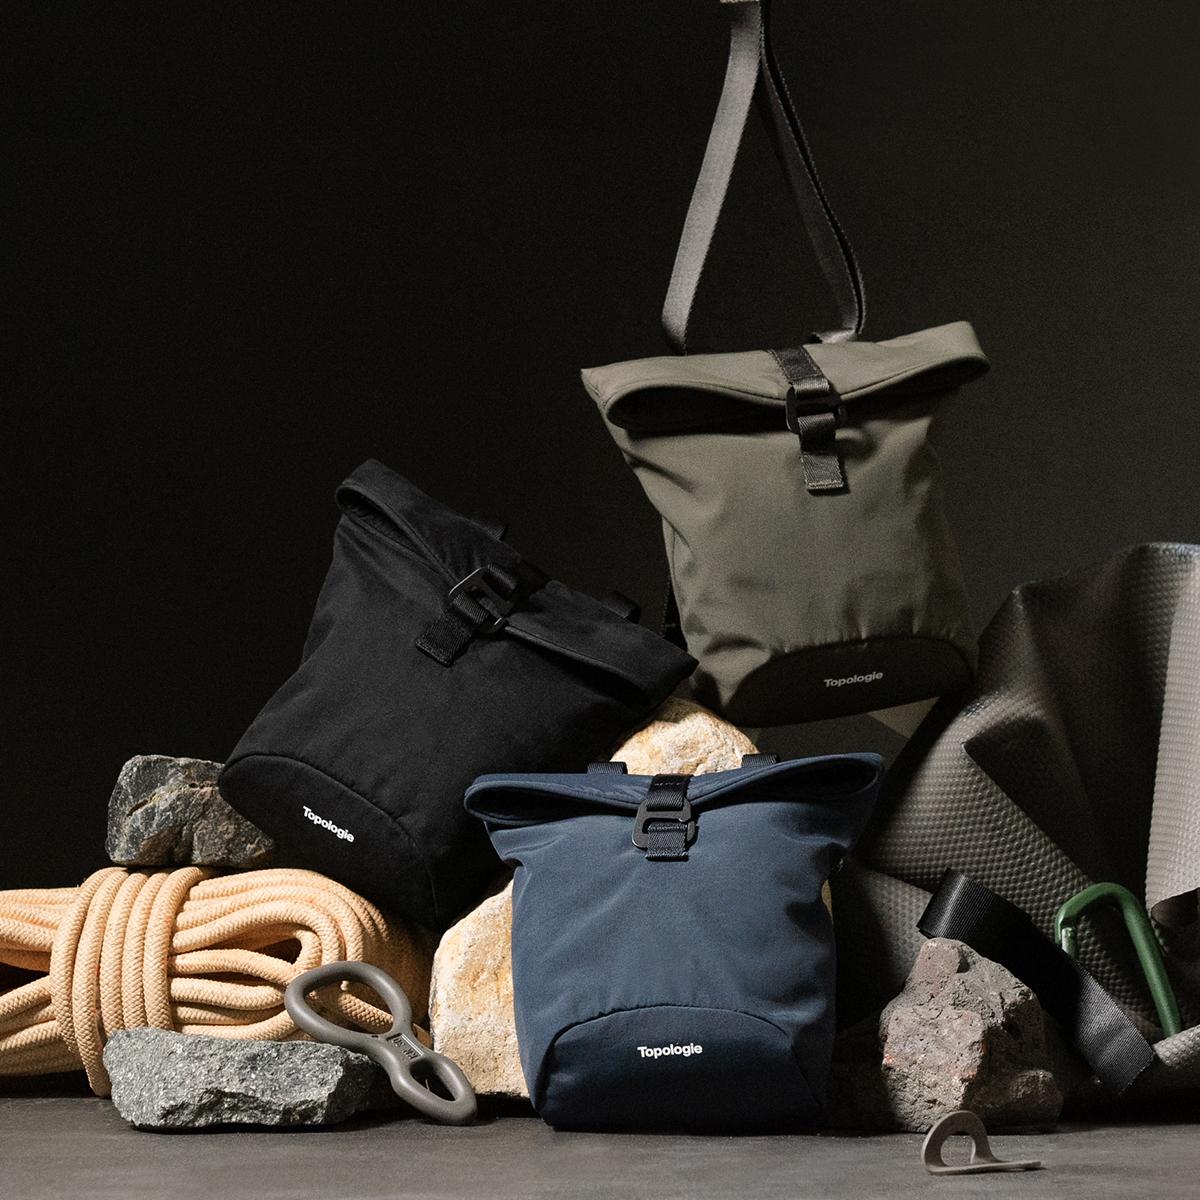 岩への挑戦から生まれた『街バッグ』|《チョークバムバッグ/3L》わずか141g!安定構造&荷物の出し入れがラクな「4WAYウエストバッグ」 | Topologie